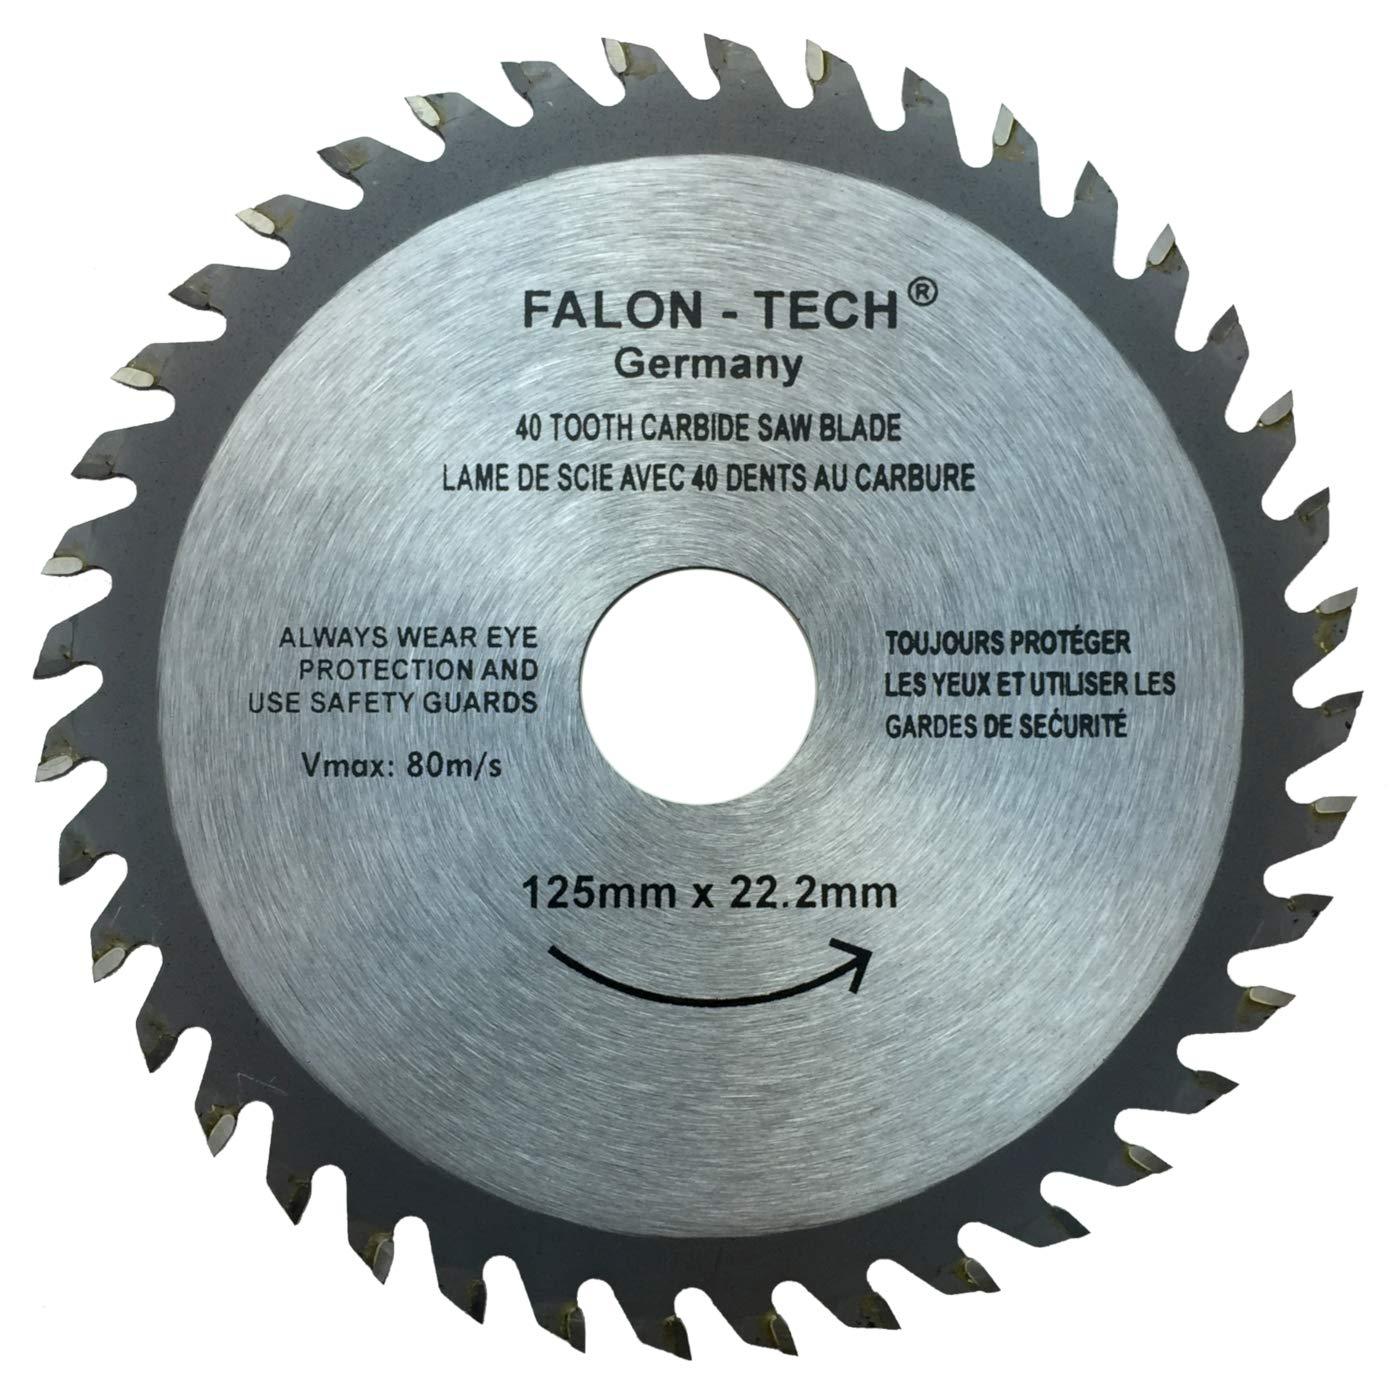 Falon Tech - Hoja de sierra circular para madera (125 mm, 40 dientes, 125 x 22 x 40 dientes)